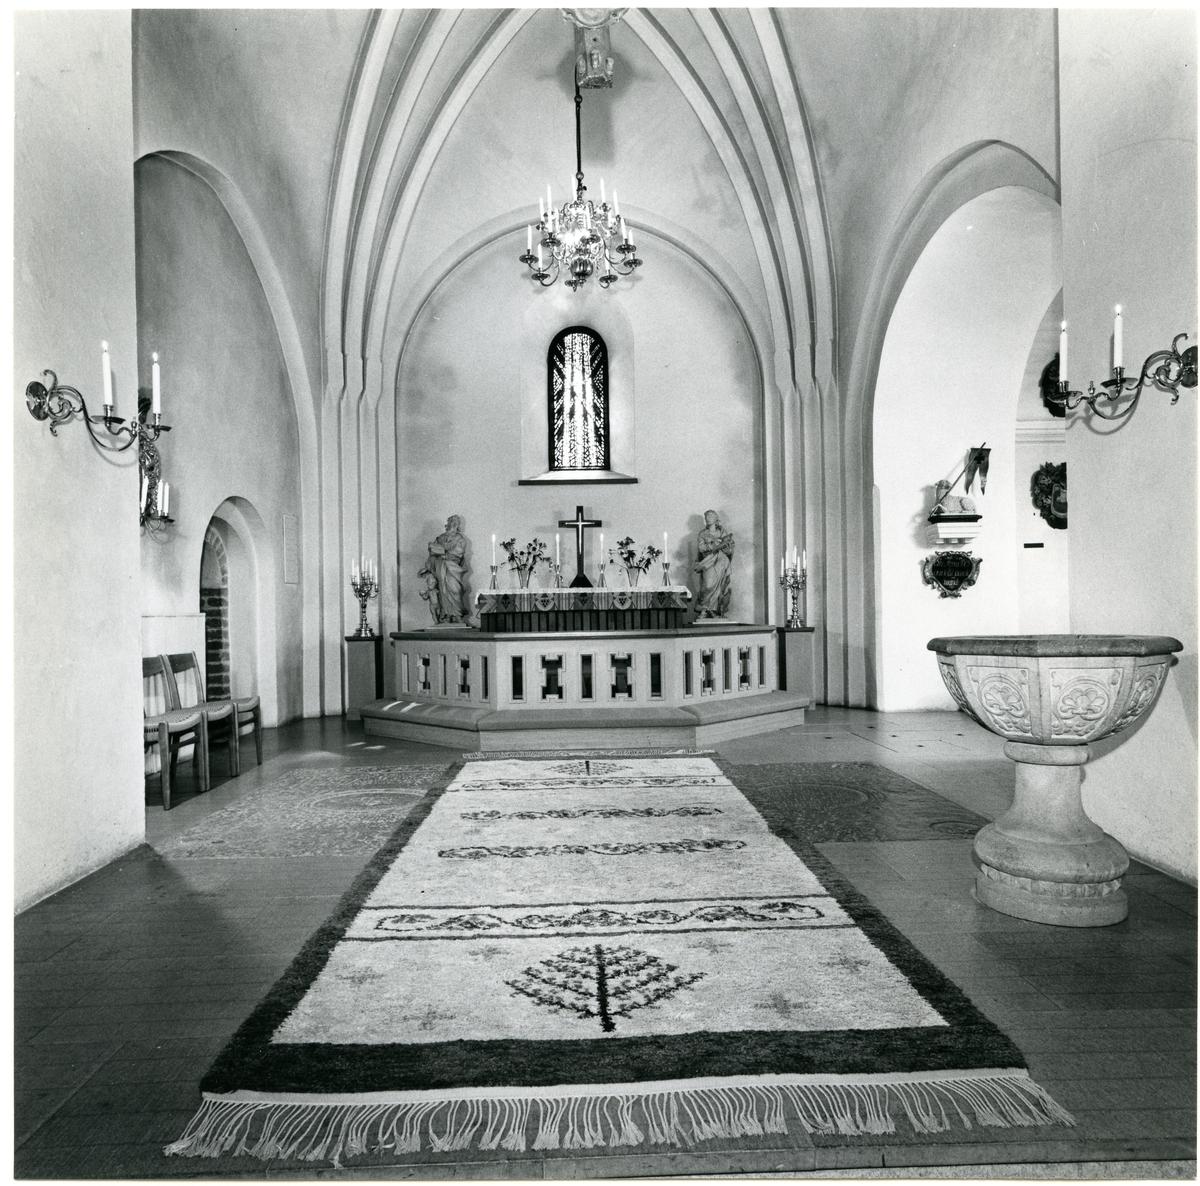 Badelunda sn, kyrkan. Interiör med altaret, dopfunt, matta m.m., 1983.